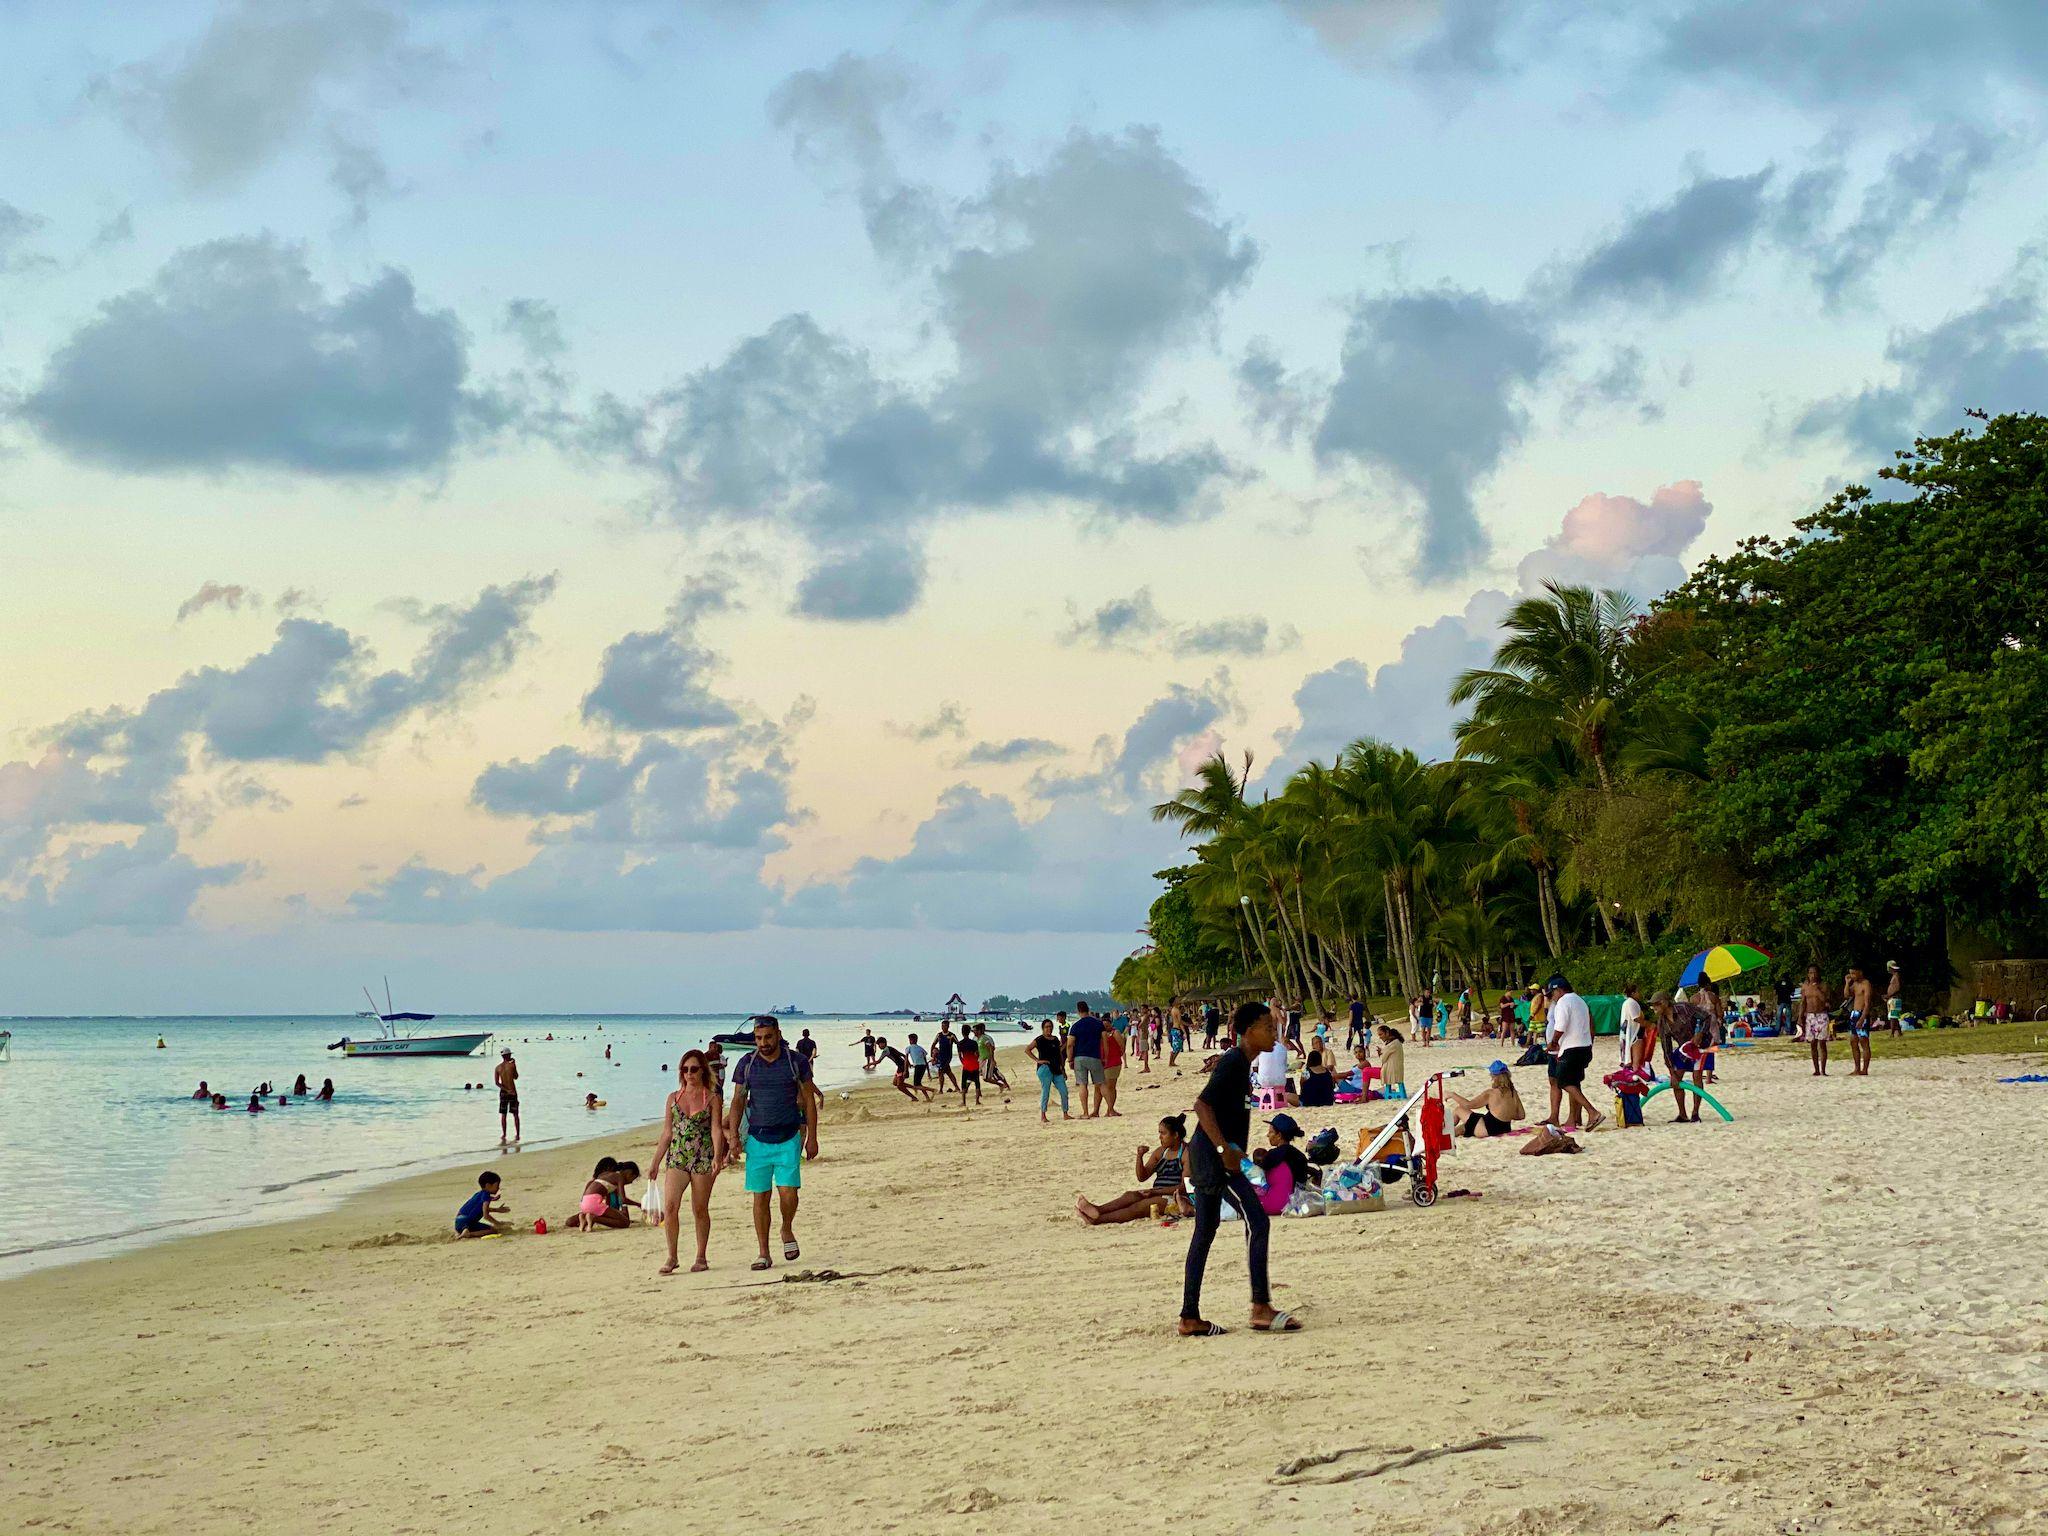 Mauritius ist grundsätzlich seht ungefährlich – die Einwohner sind unheimlich entspannte, gastfreundliche Menschen. Wir gefährlich ist vor allem der Straßenverkehr. © Sascha Tegtmeyer